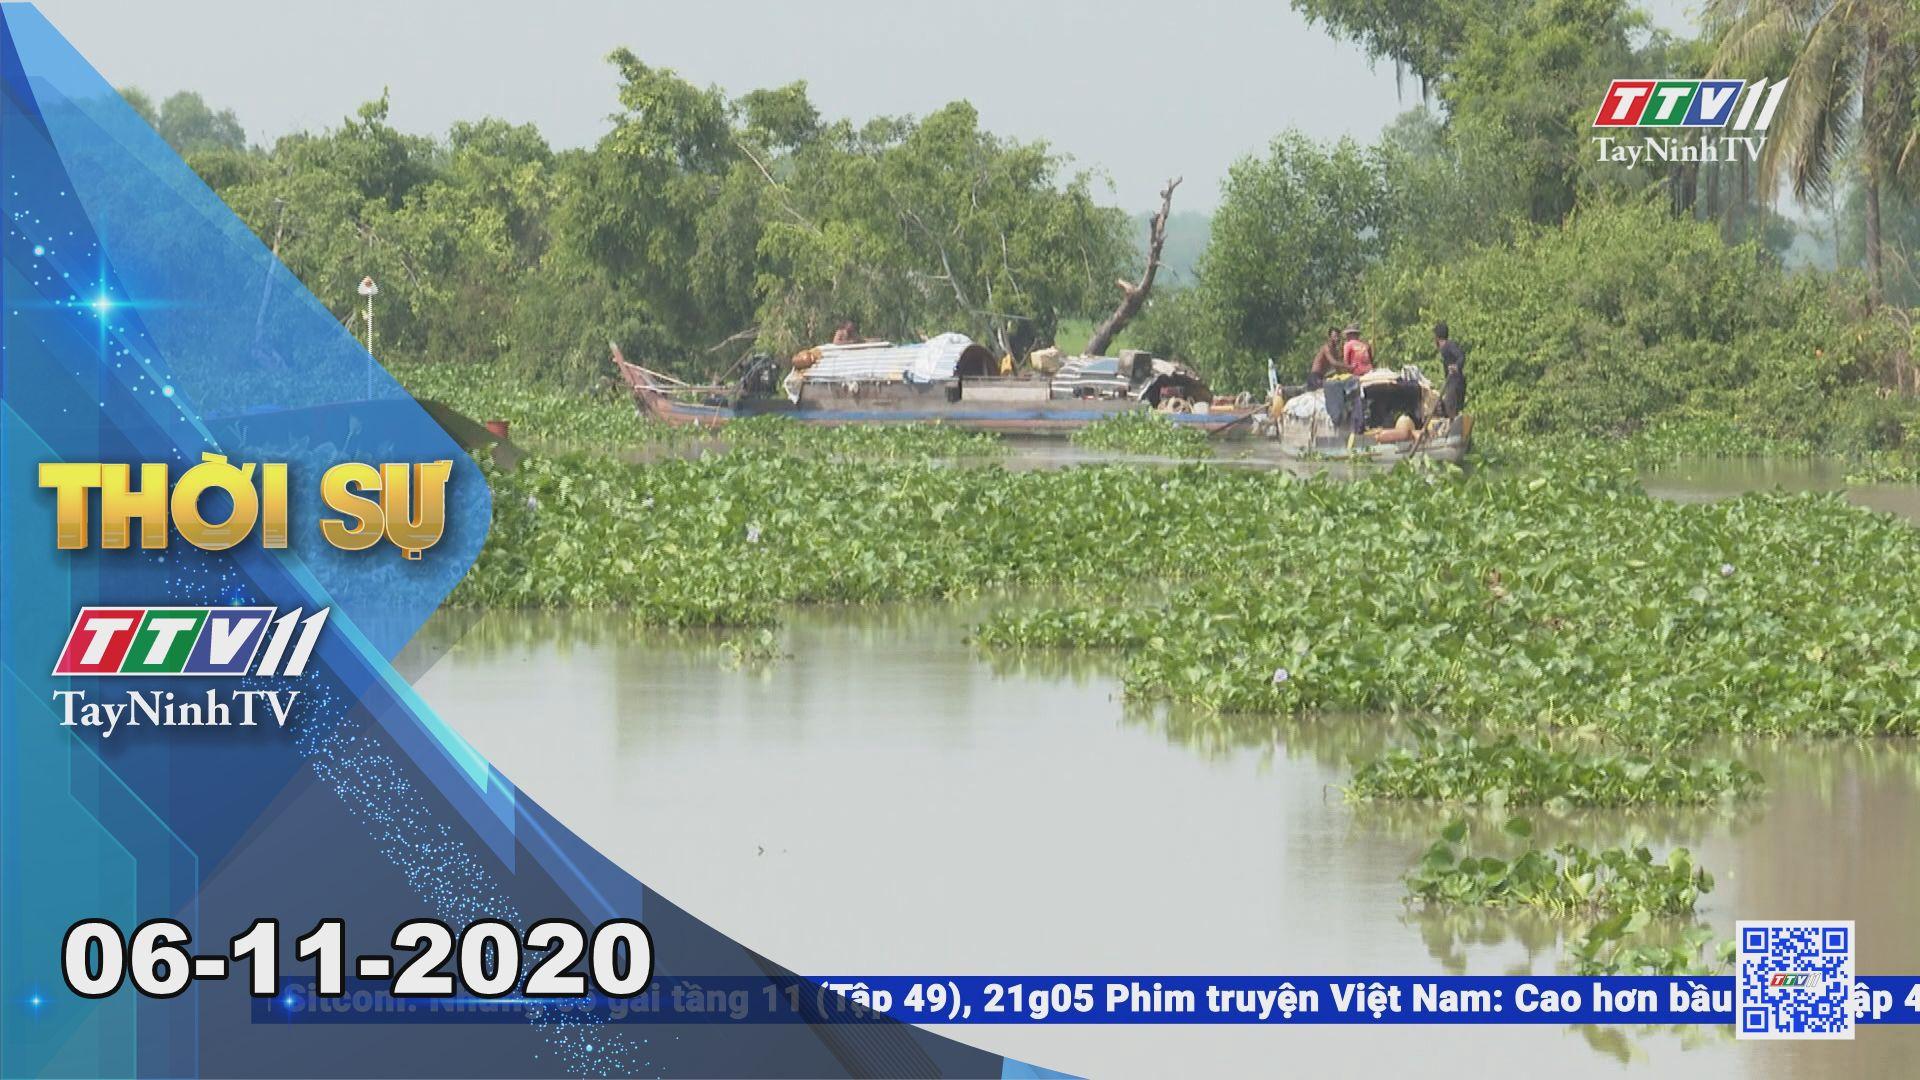 Thời sự Tây Ninh 06-11-2020 | Tin tức hôm nay | TayNinhTV